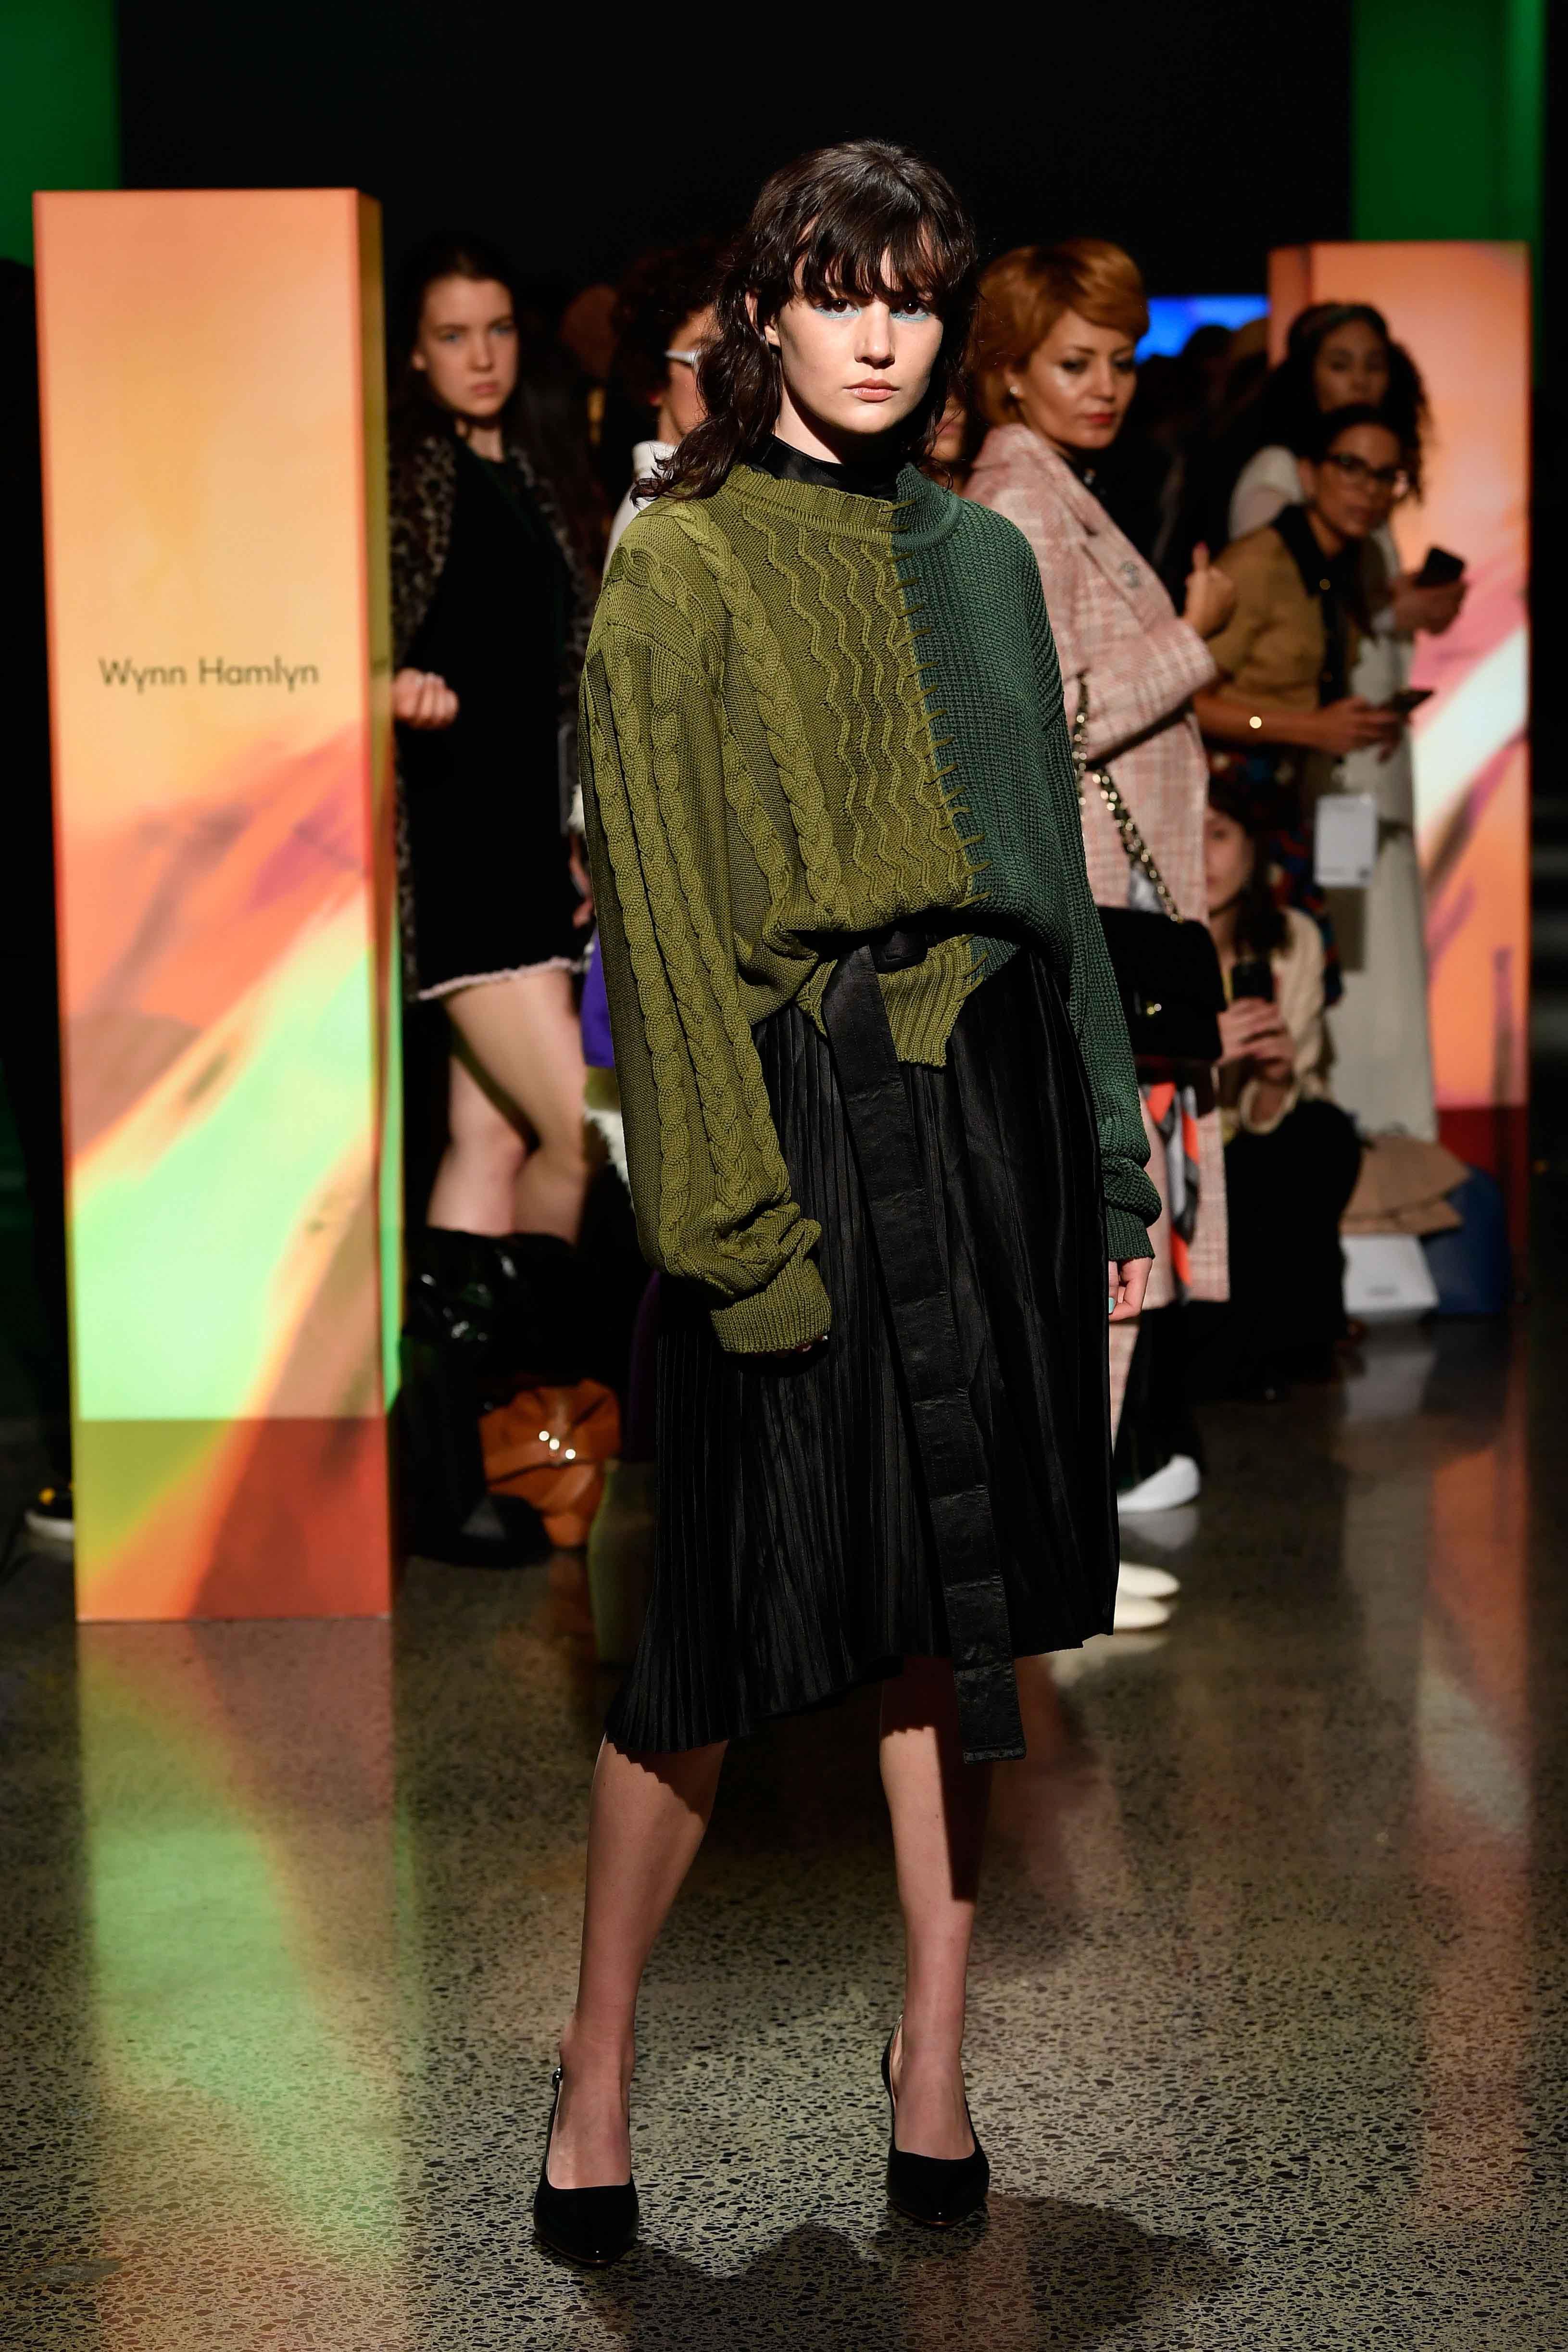 Wynn Hamlyn - Runway - New Zealand Fashion Week 2018